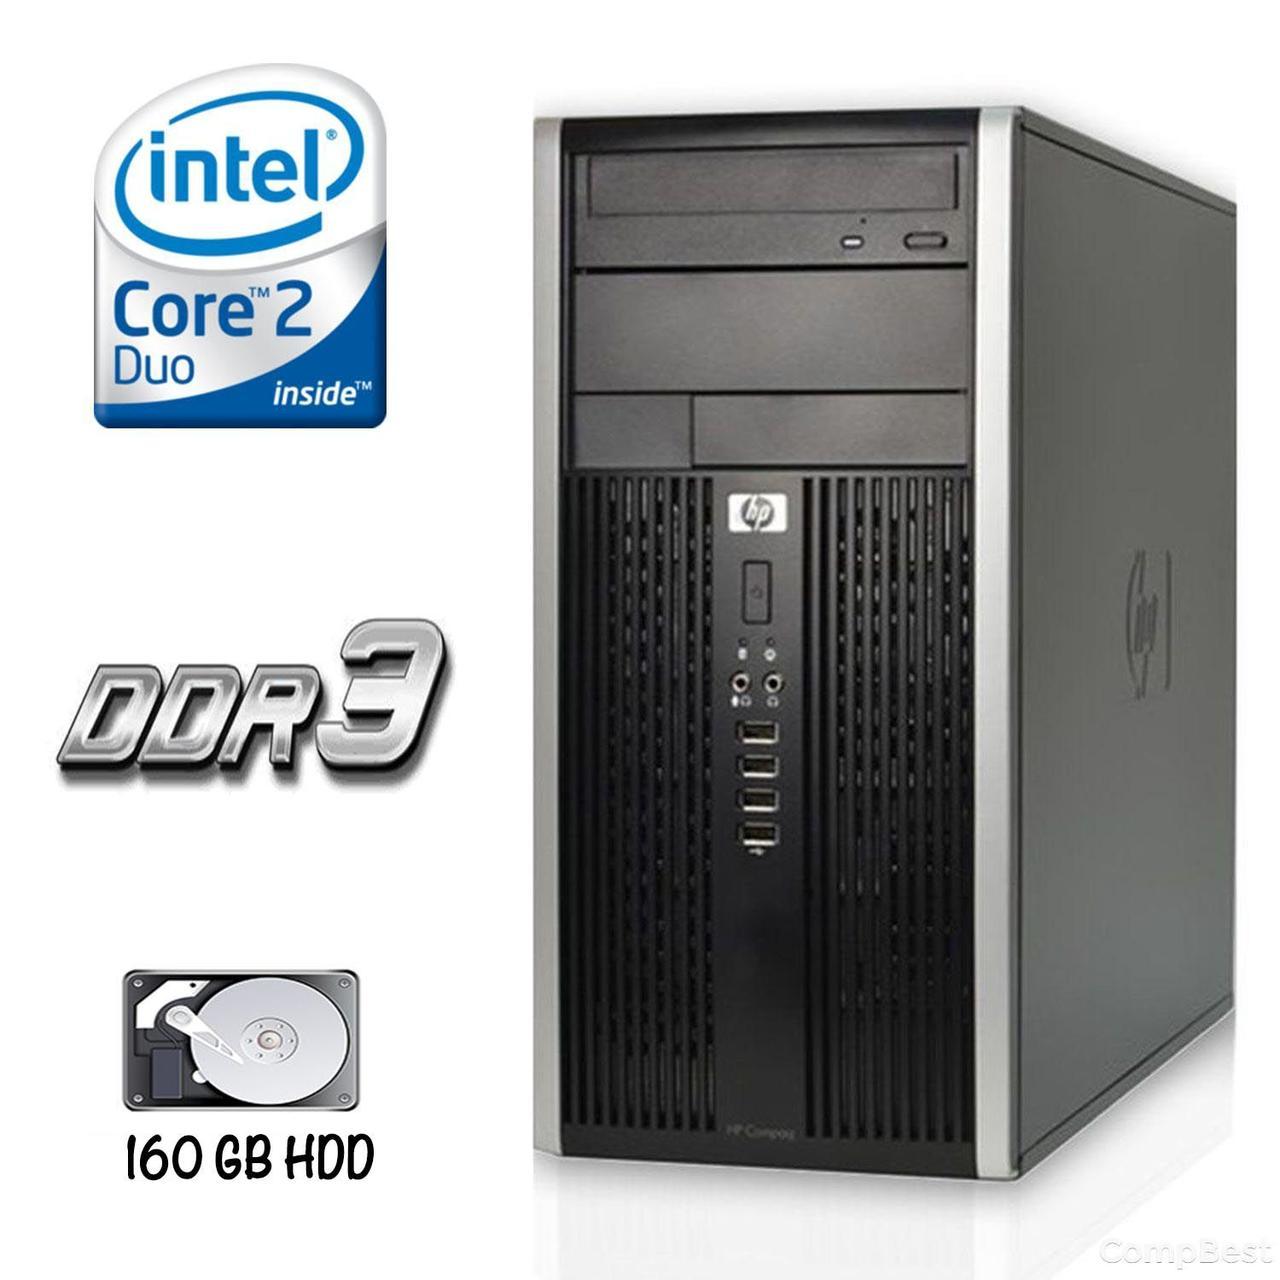 HP 6000 Pro SFF / Intel Core 2 Duo E7500 (2 ядра по 2.93GHz) / 6 GB DDR3 / 500 GB HDD